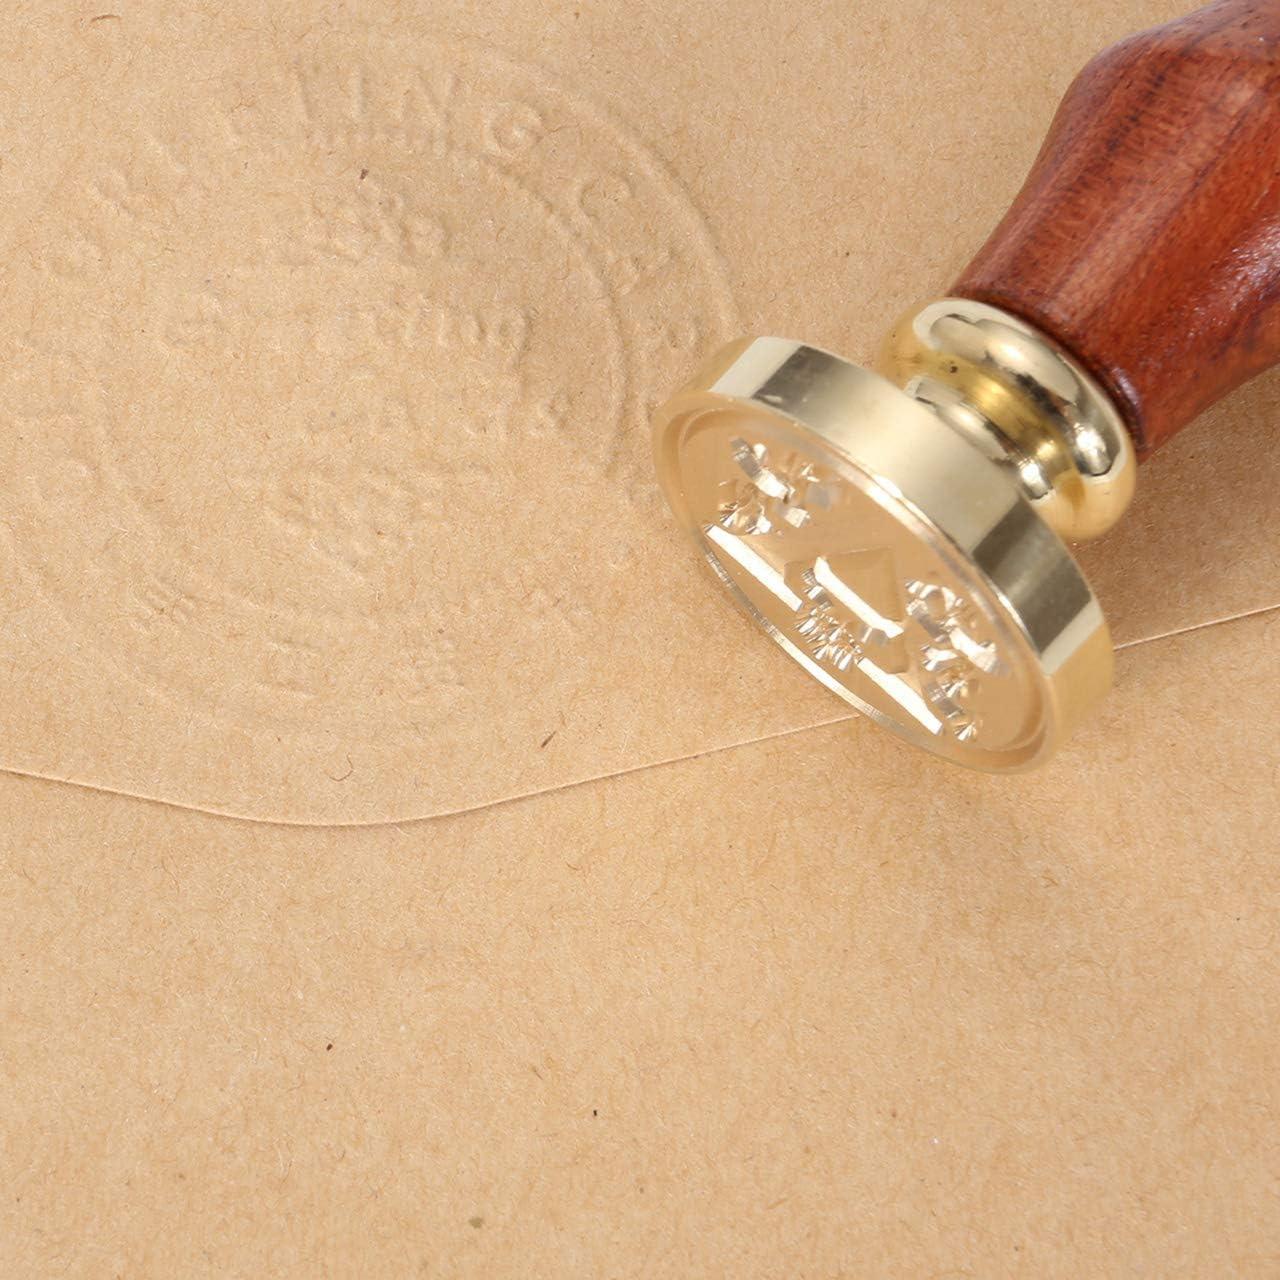 Mangostyle Vintage-Stil Wachs Siegelstempel Dekorativer Siegel Petschaft Holzgriff Brief 26 Buchstabe Siegel Set A-Z